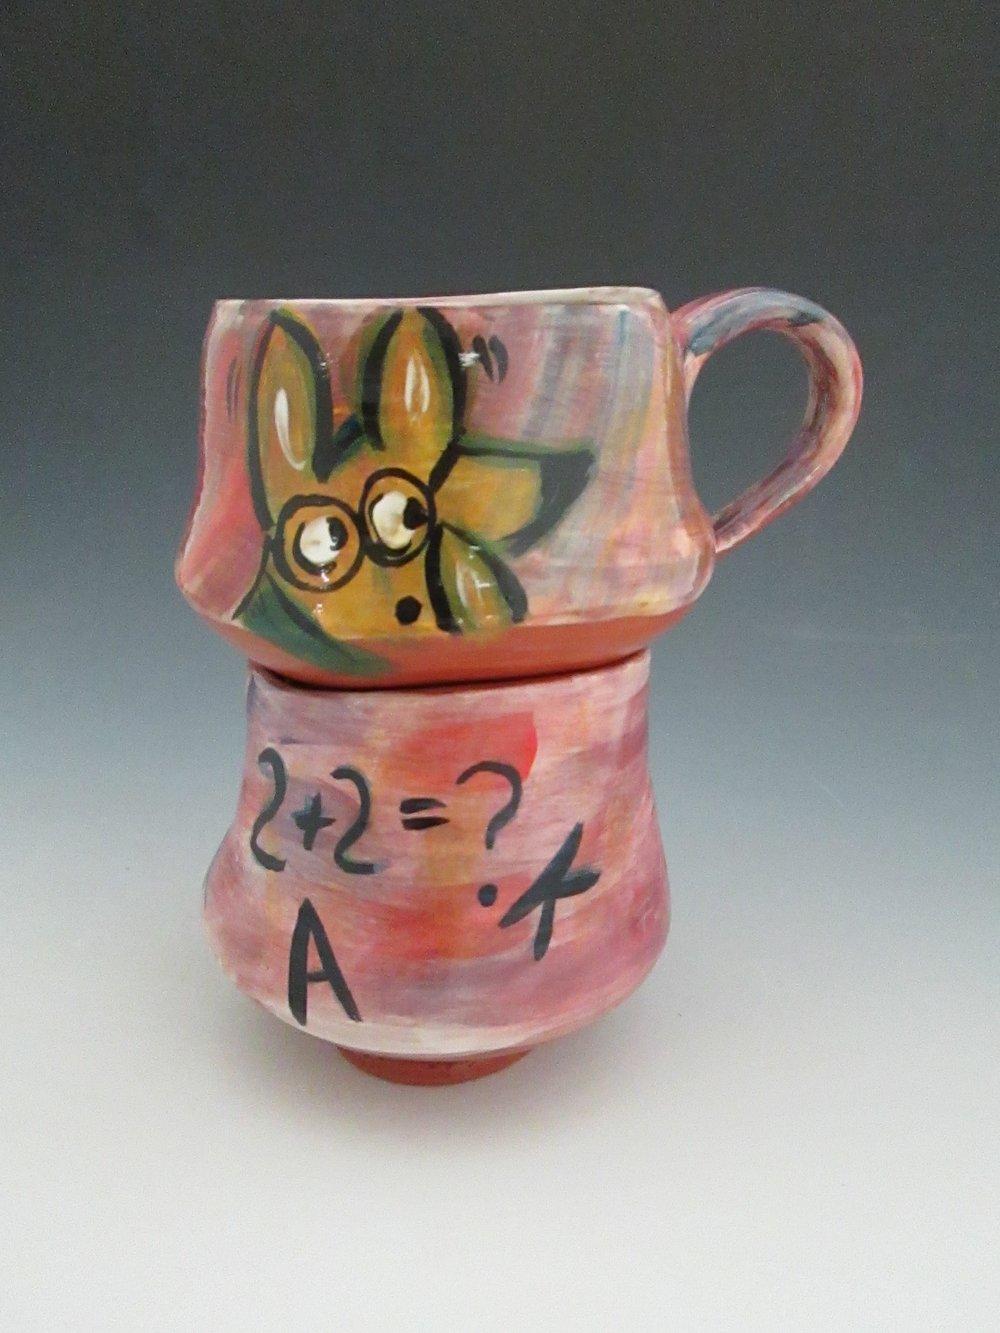 Math mugs